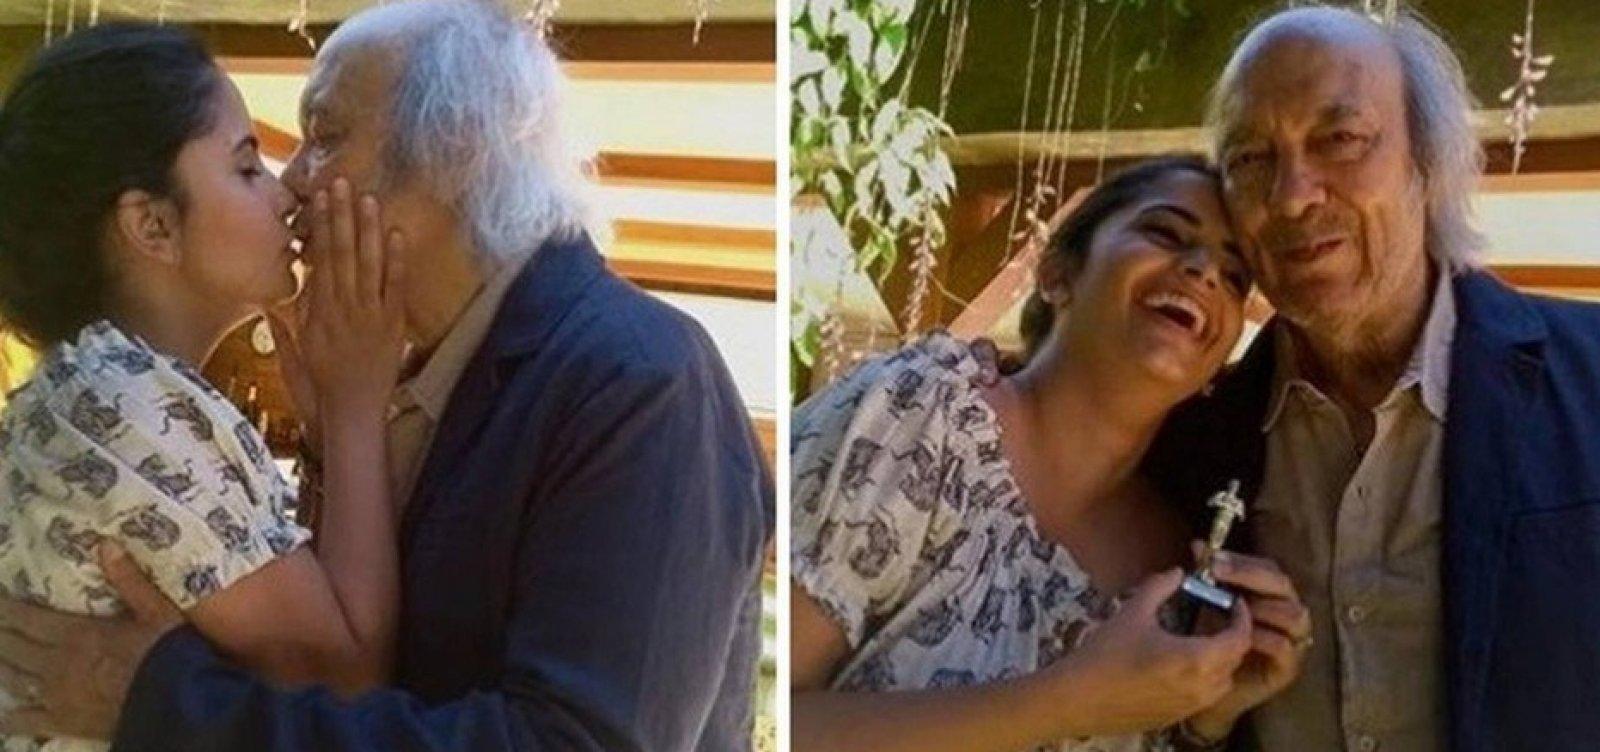 [Erasmo Carlos se casa com pedagoga 49 anos mais nova]